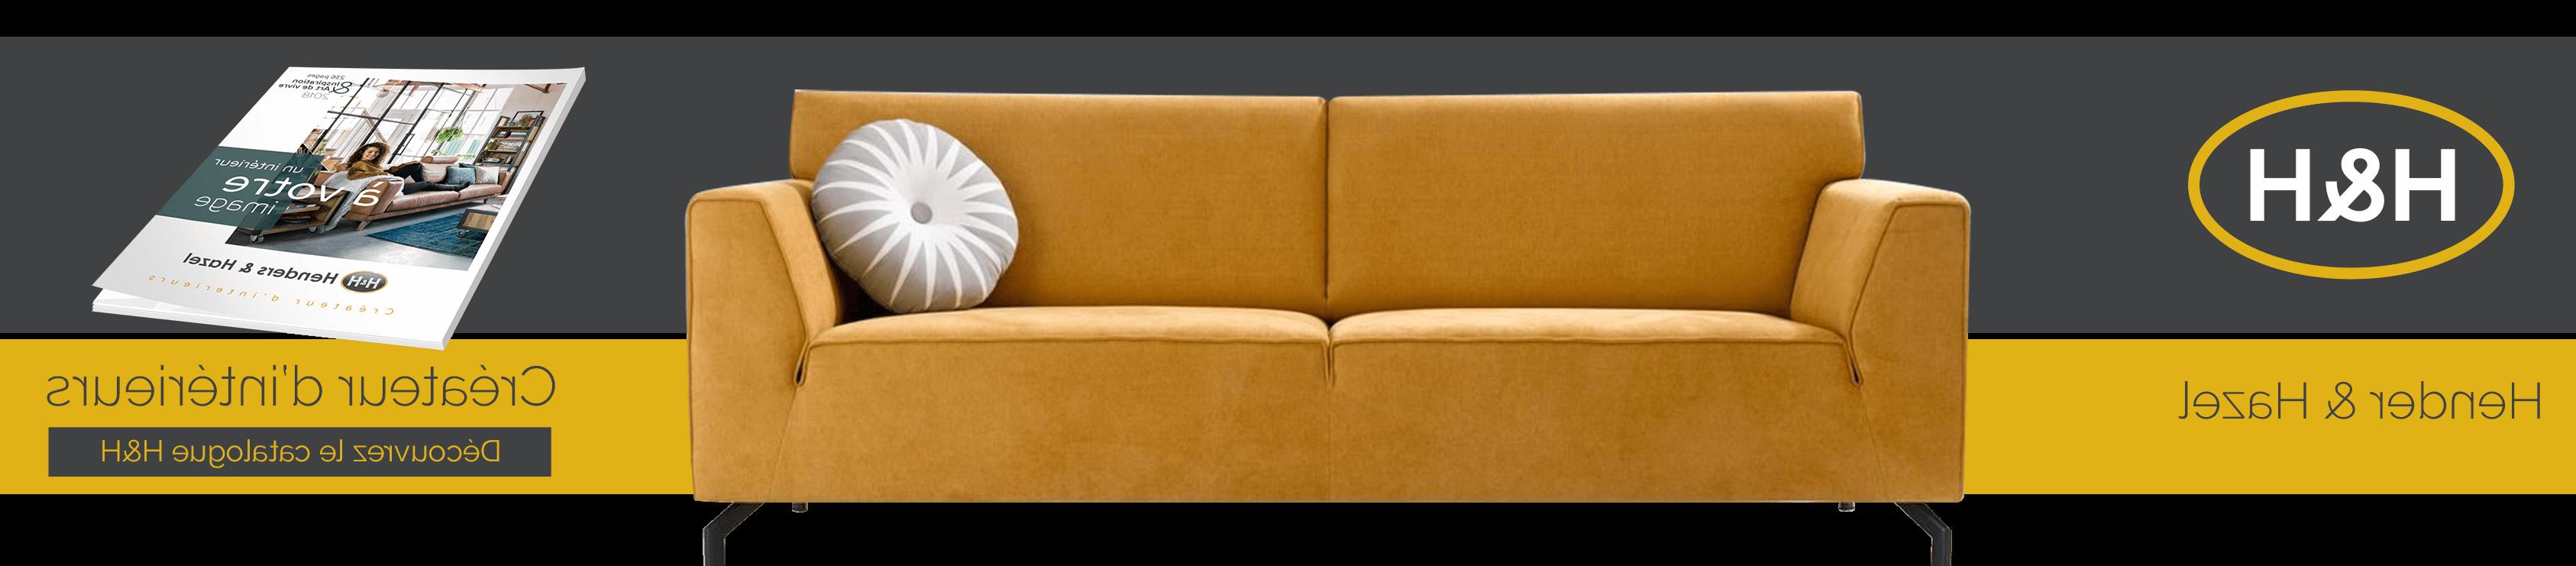 Où acheter des meubles en ligne?